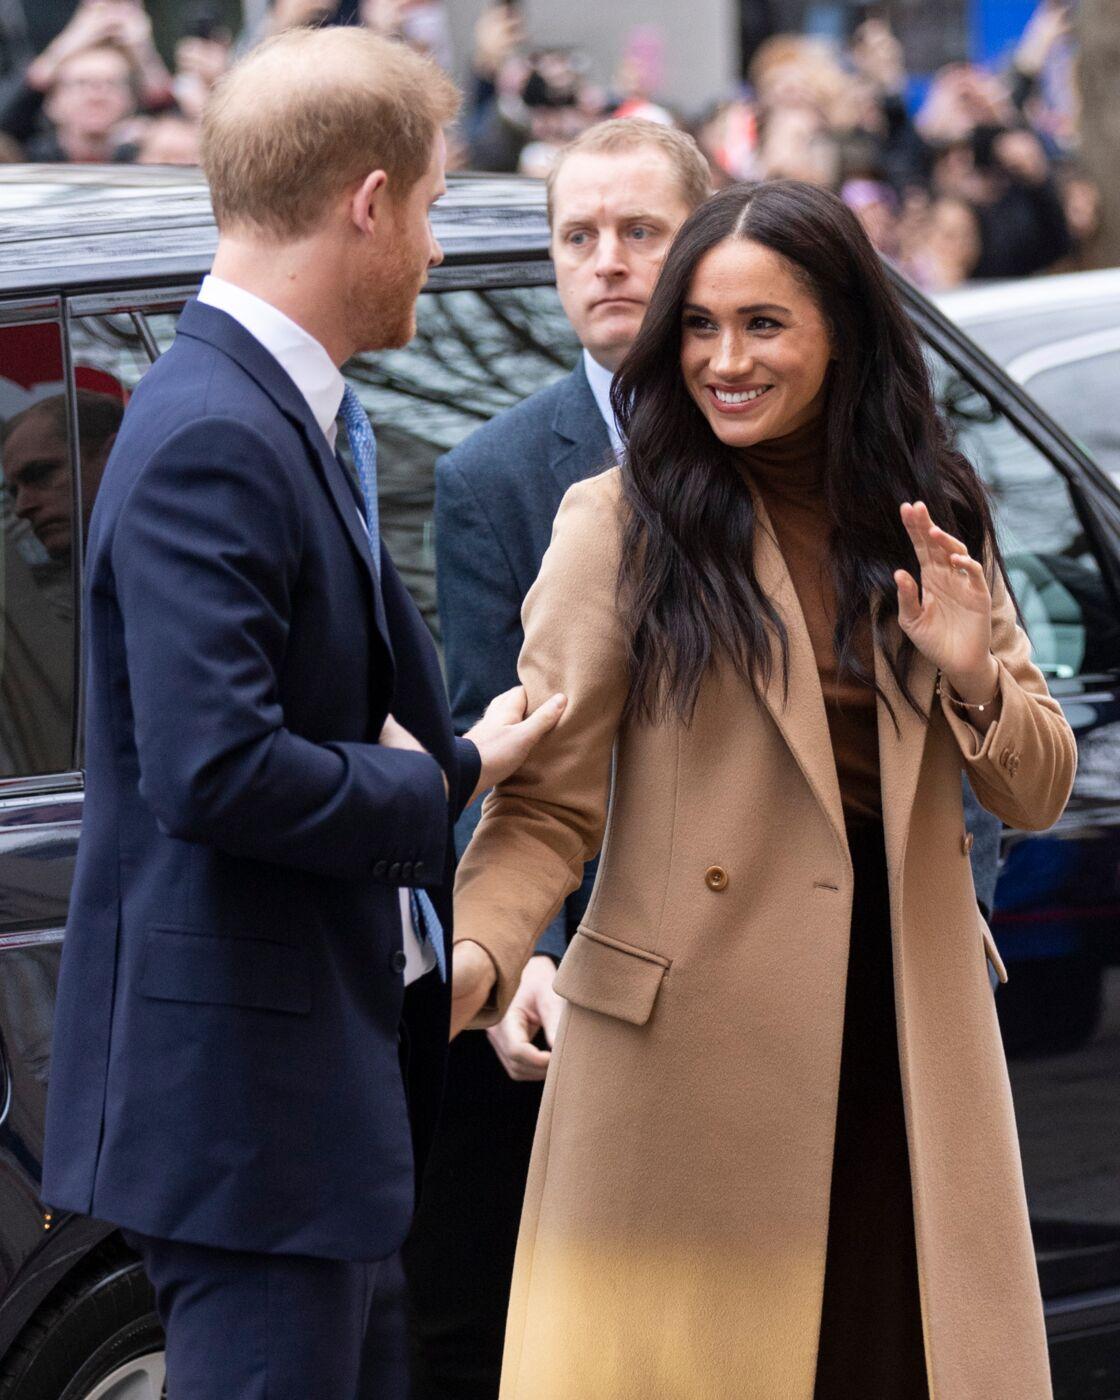 Le prince Harry et Meghan Markle à leur arrivée à la Maison du Canada, à Londres, le mardi 7 janvier 2020.